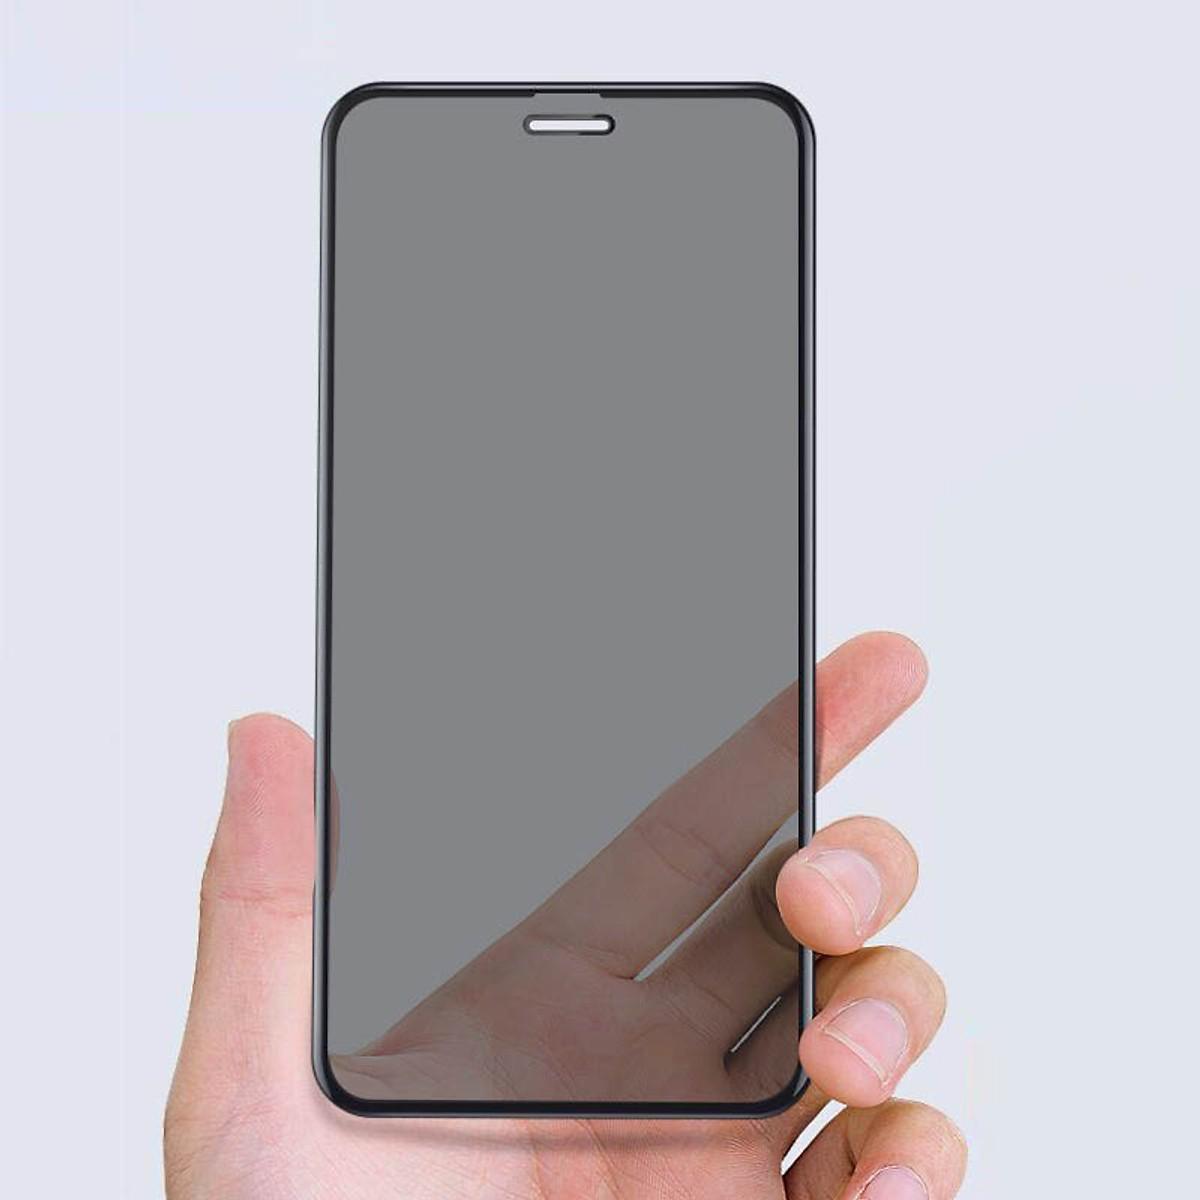 Tấm dán cường lực full 9H chống nhìn trộm dành cho iphone 11 6.1 inch